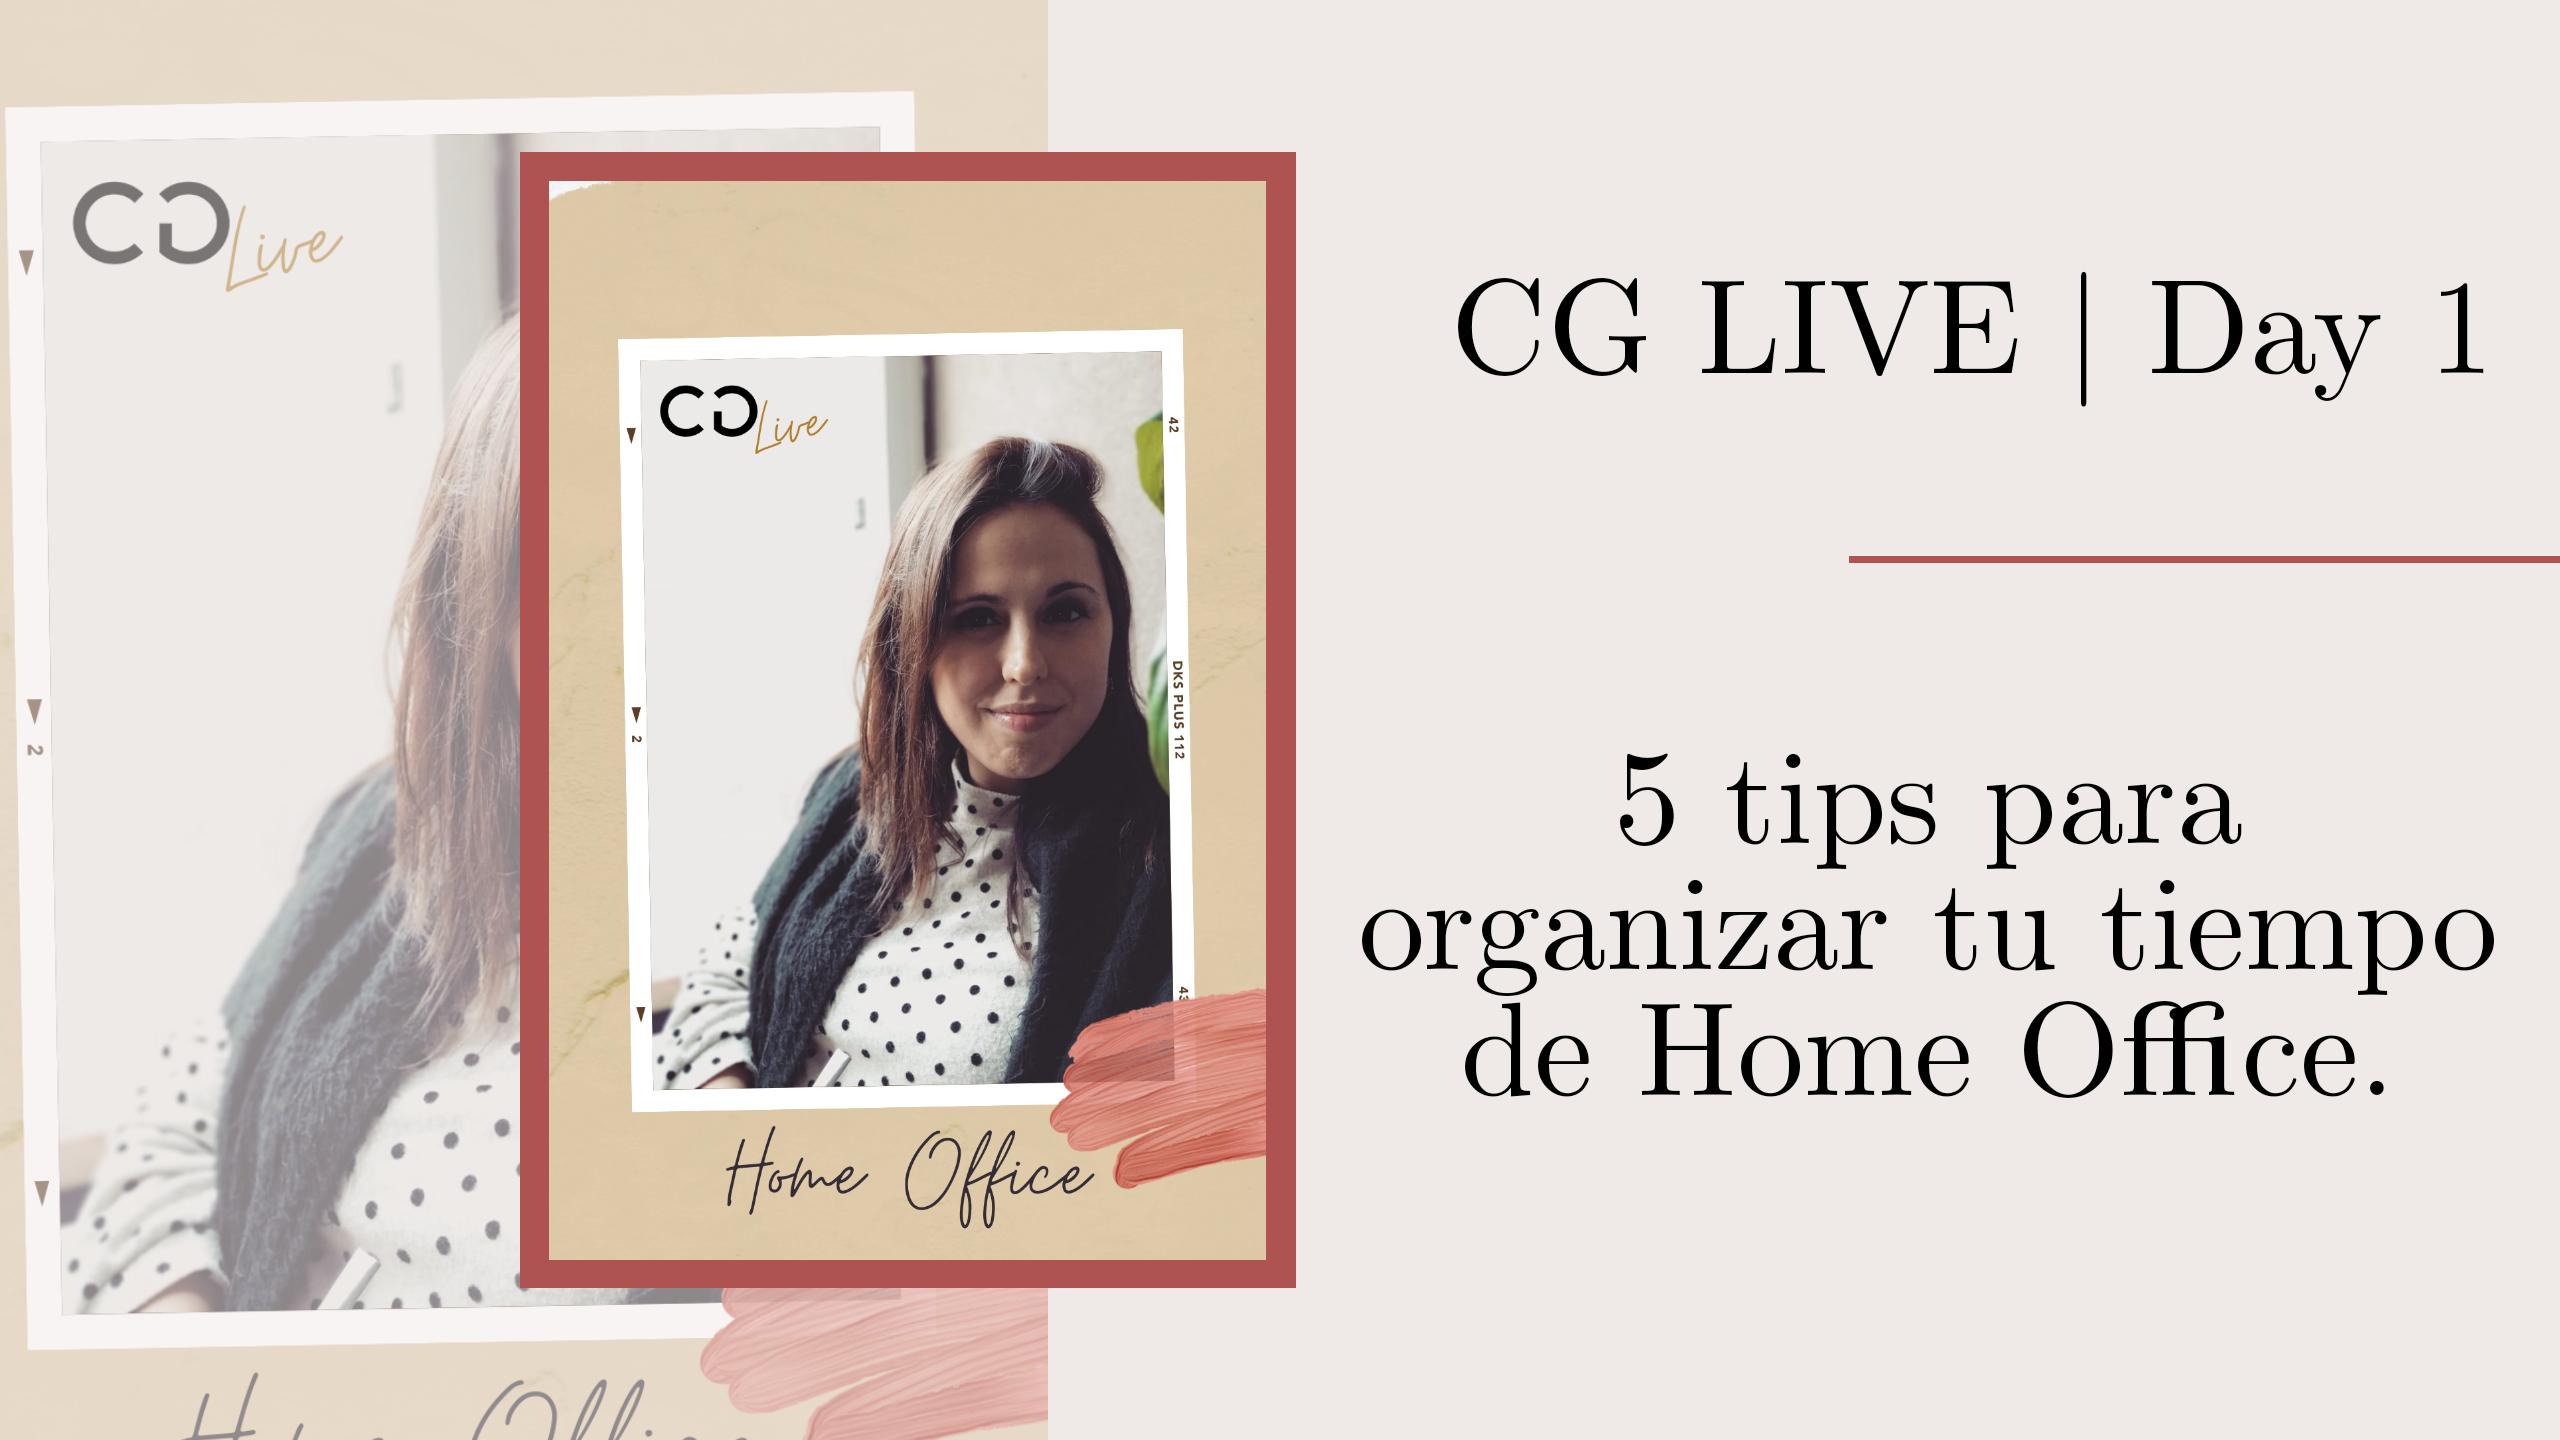 CG Live | Day 1: 5 tips para organizar tu tiempo de Home Office